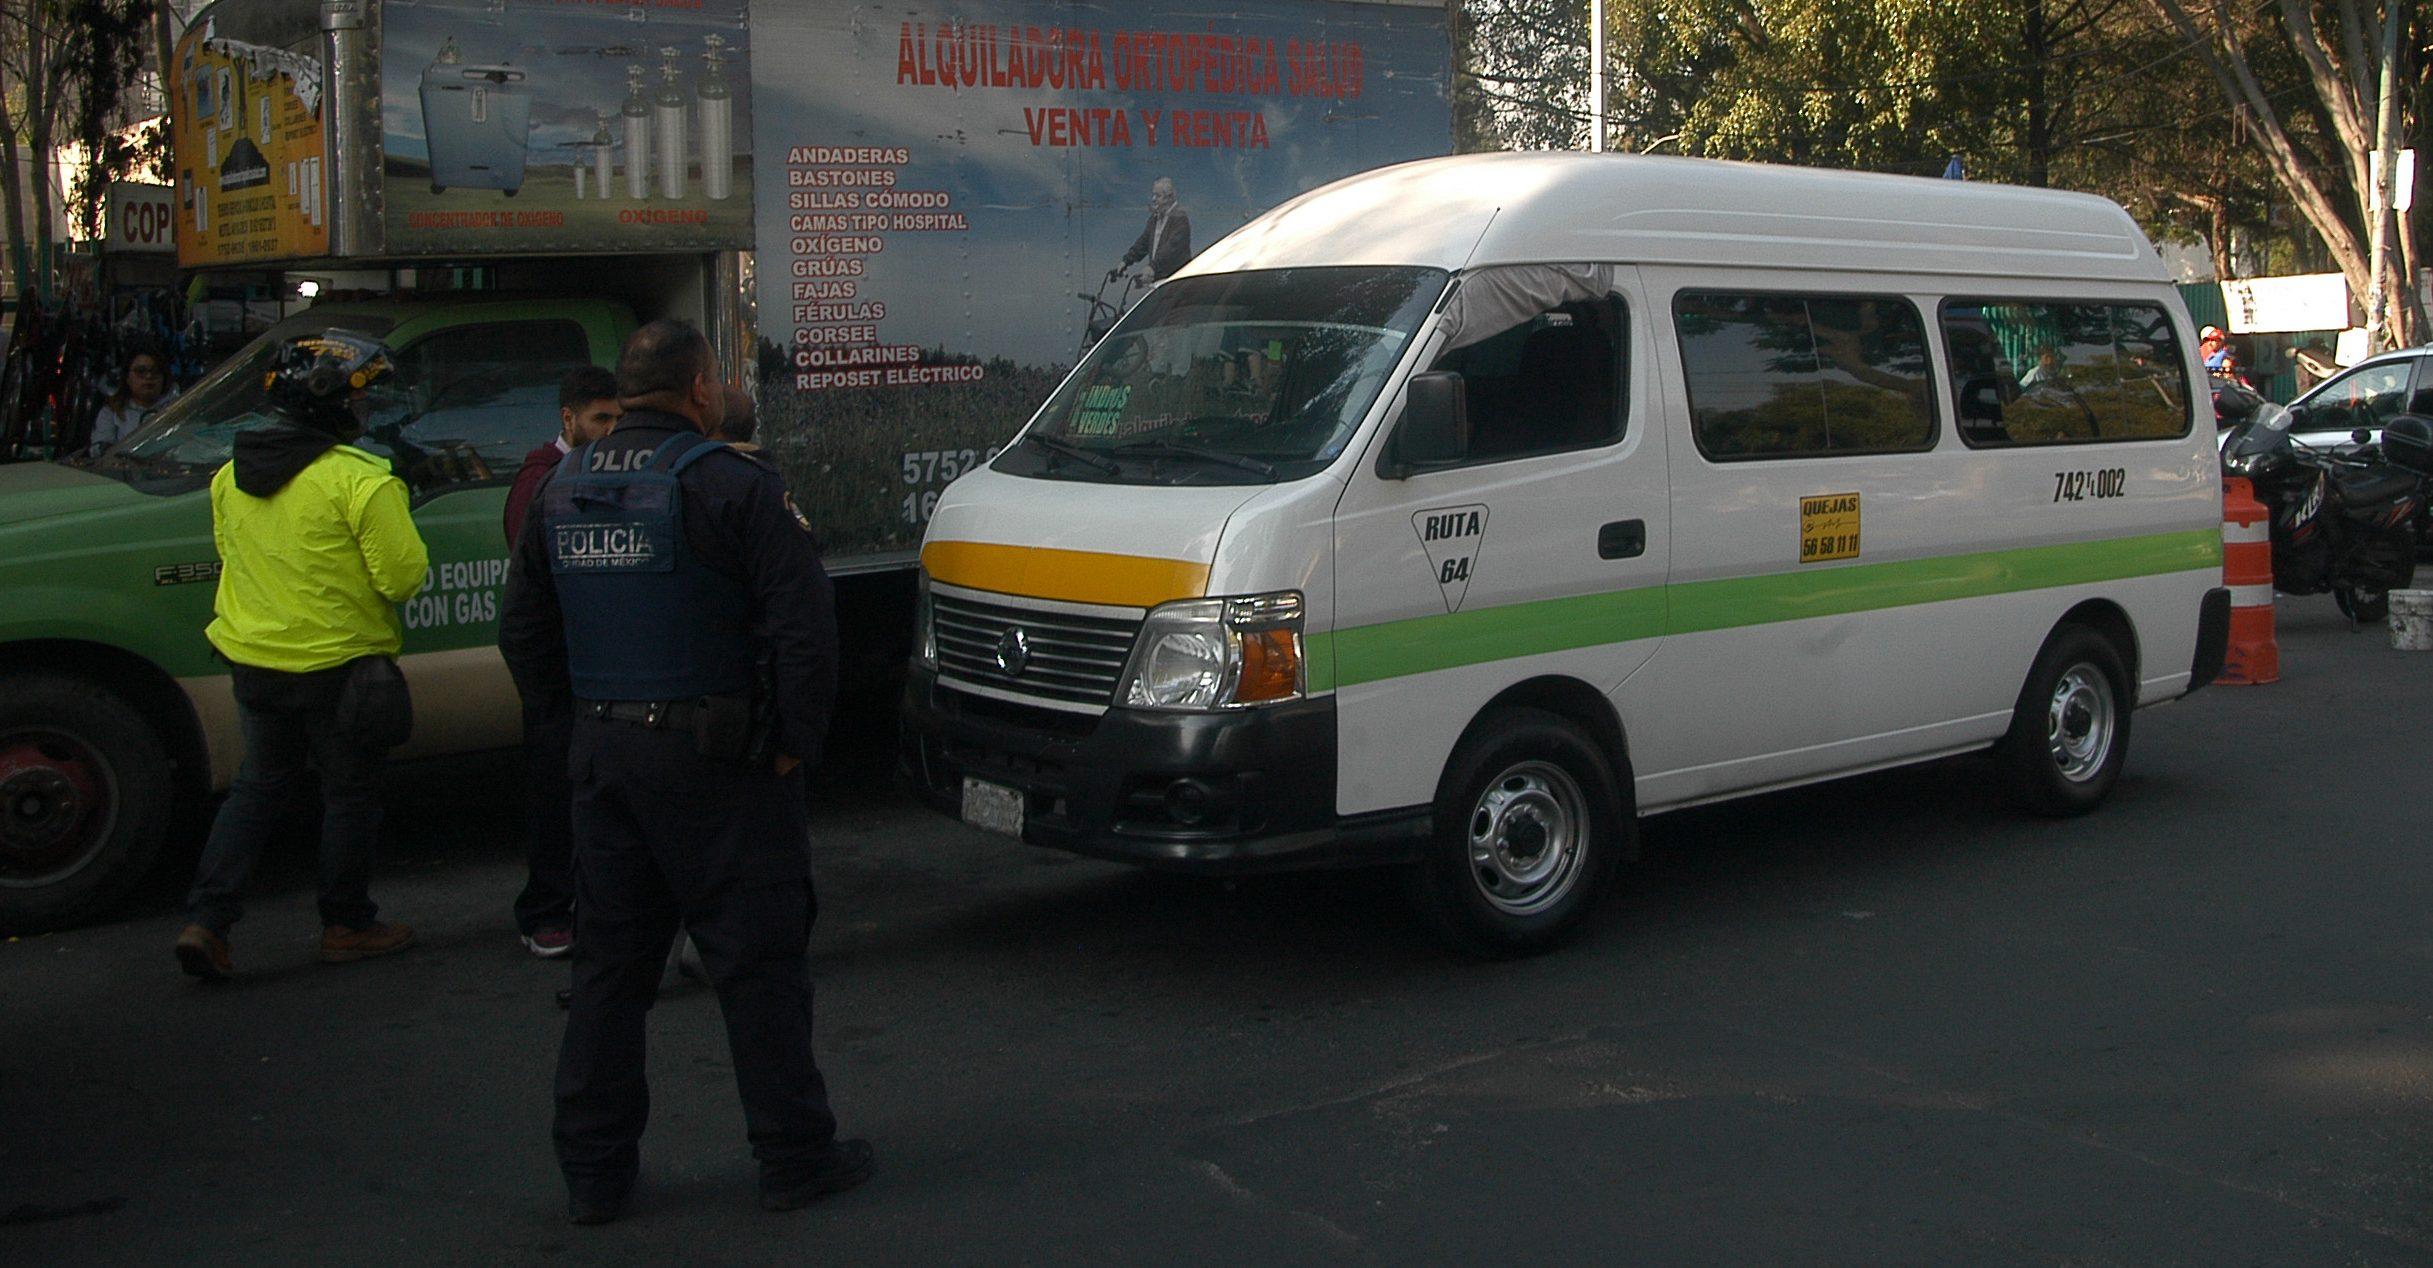 Asaltante de Los Reyes La Paz es condenado a 23 años de cárcel